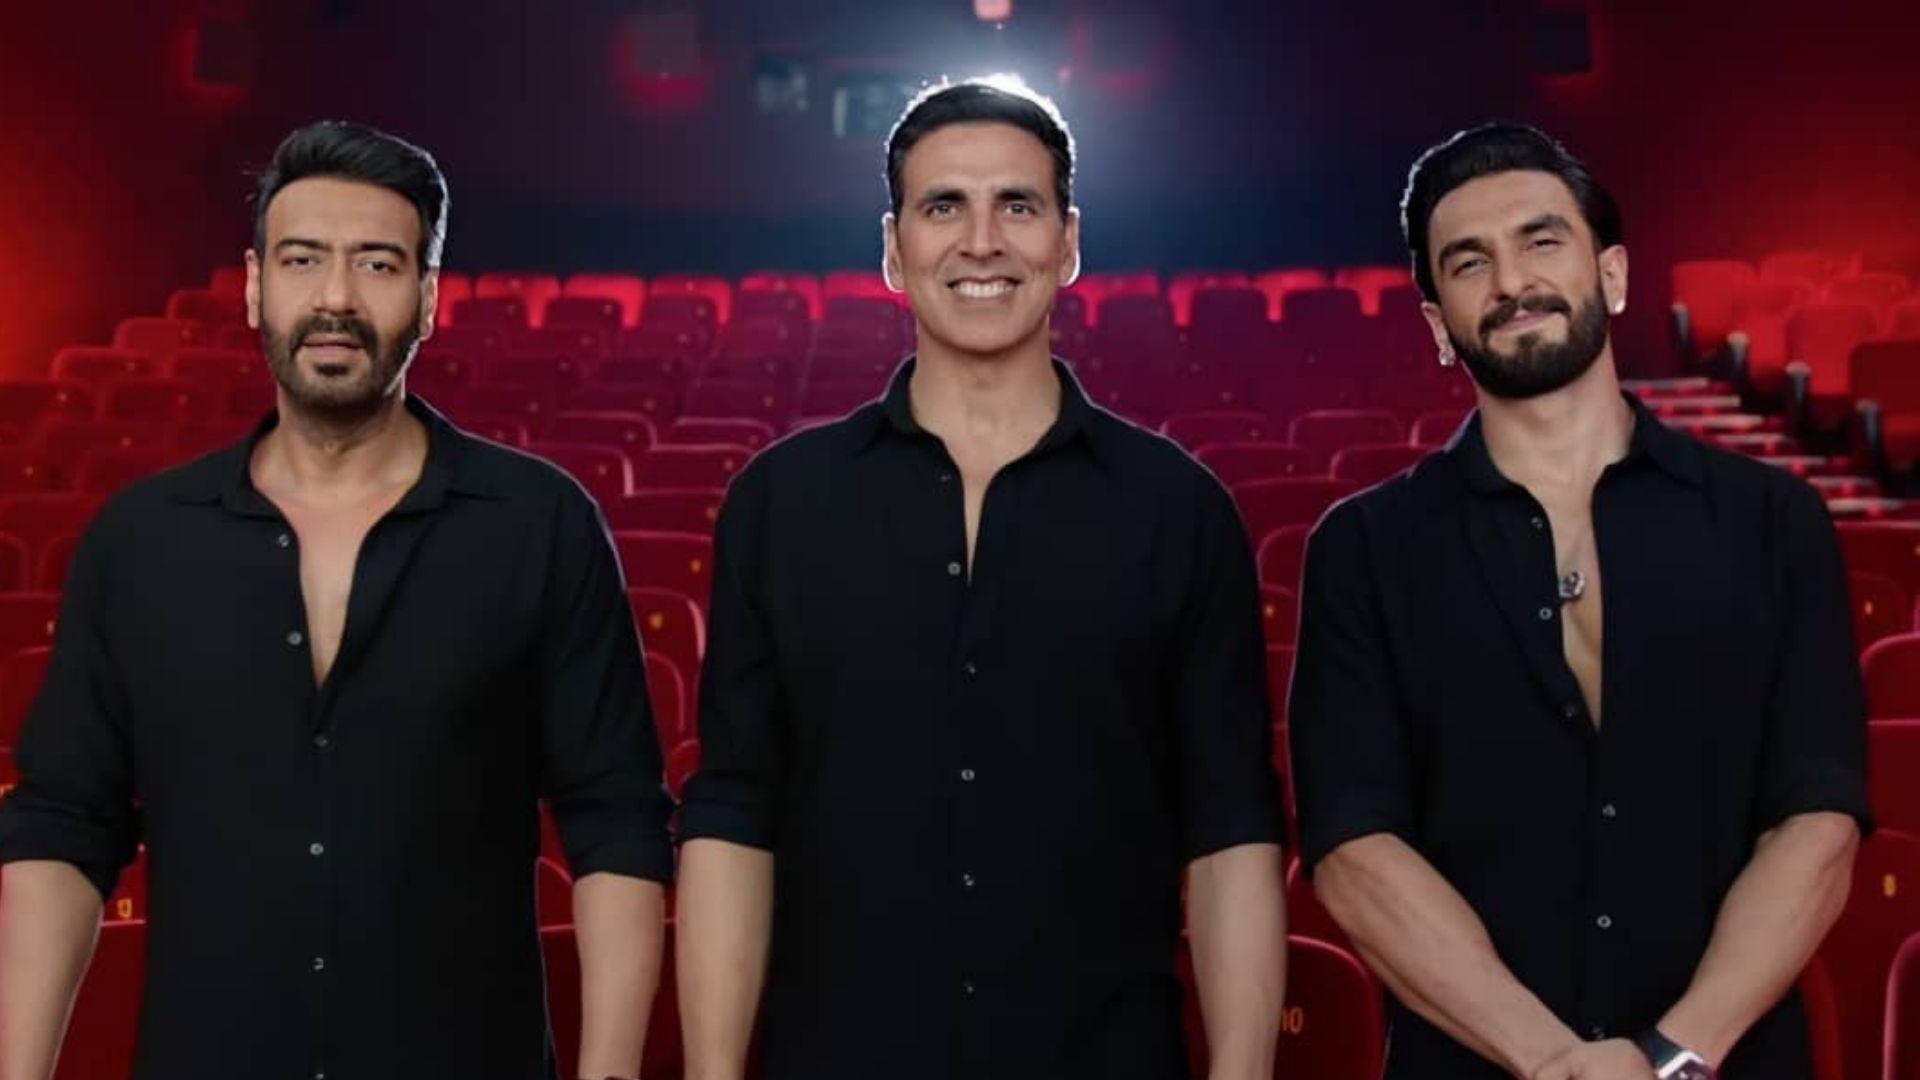 Sooryavanshi: Akshay Kumar, Ranveer Singh And Ajay Devgn Invite Audience To Theater On November 5; Actors Say 'Now It's Showtime'